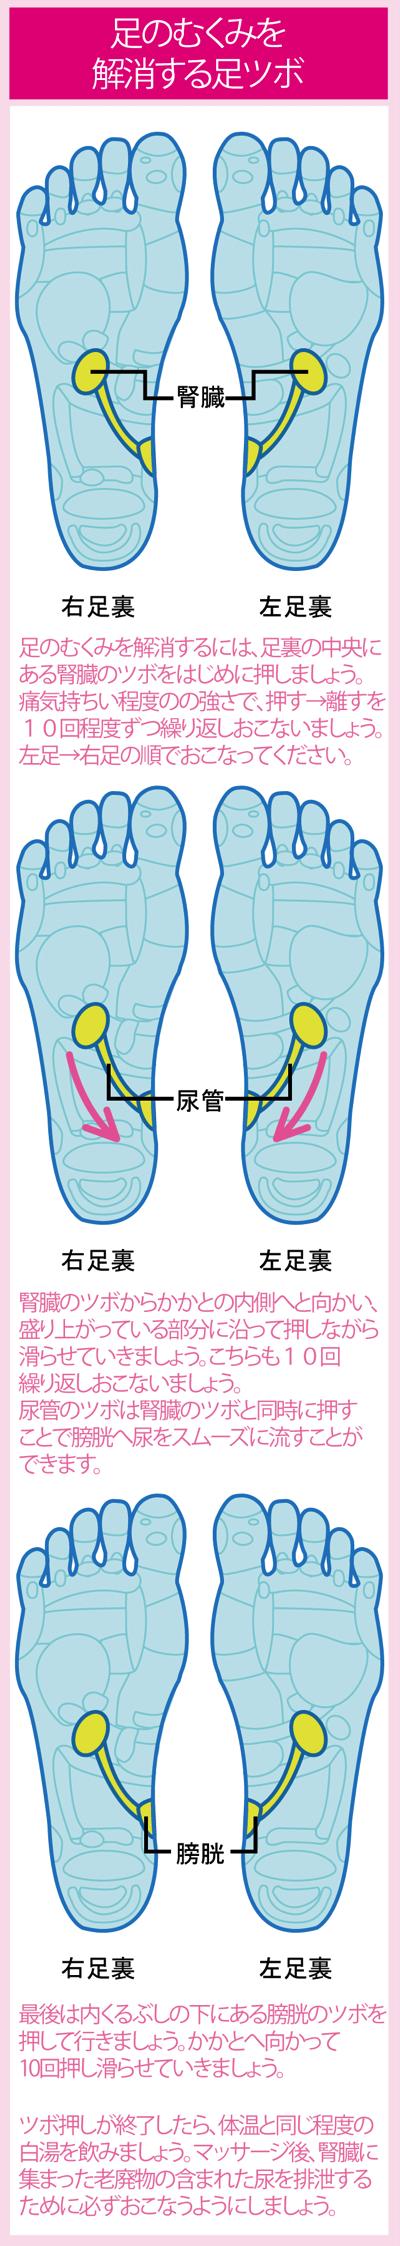 足のむくみを解消する足裏マッサージ